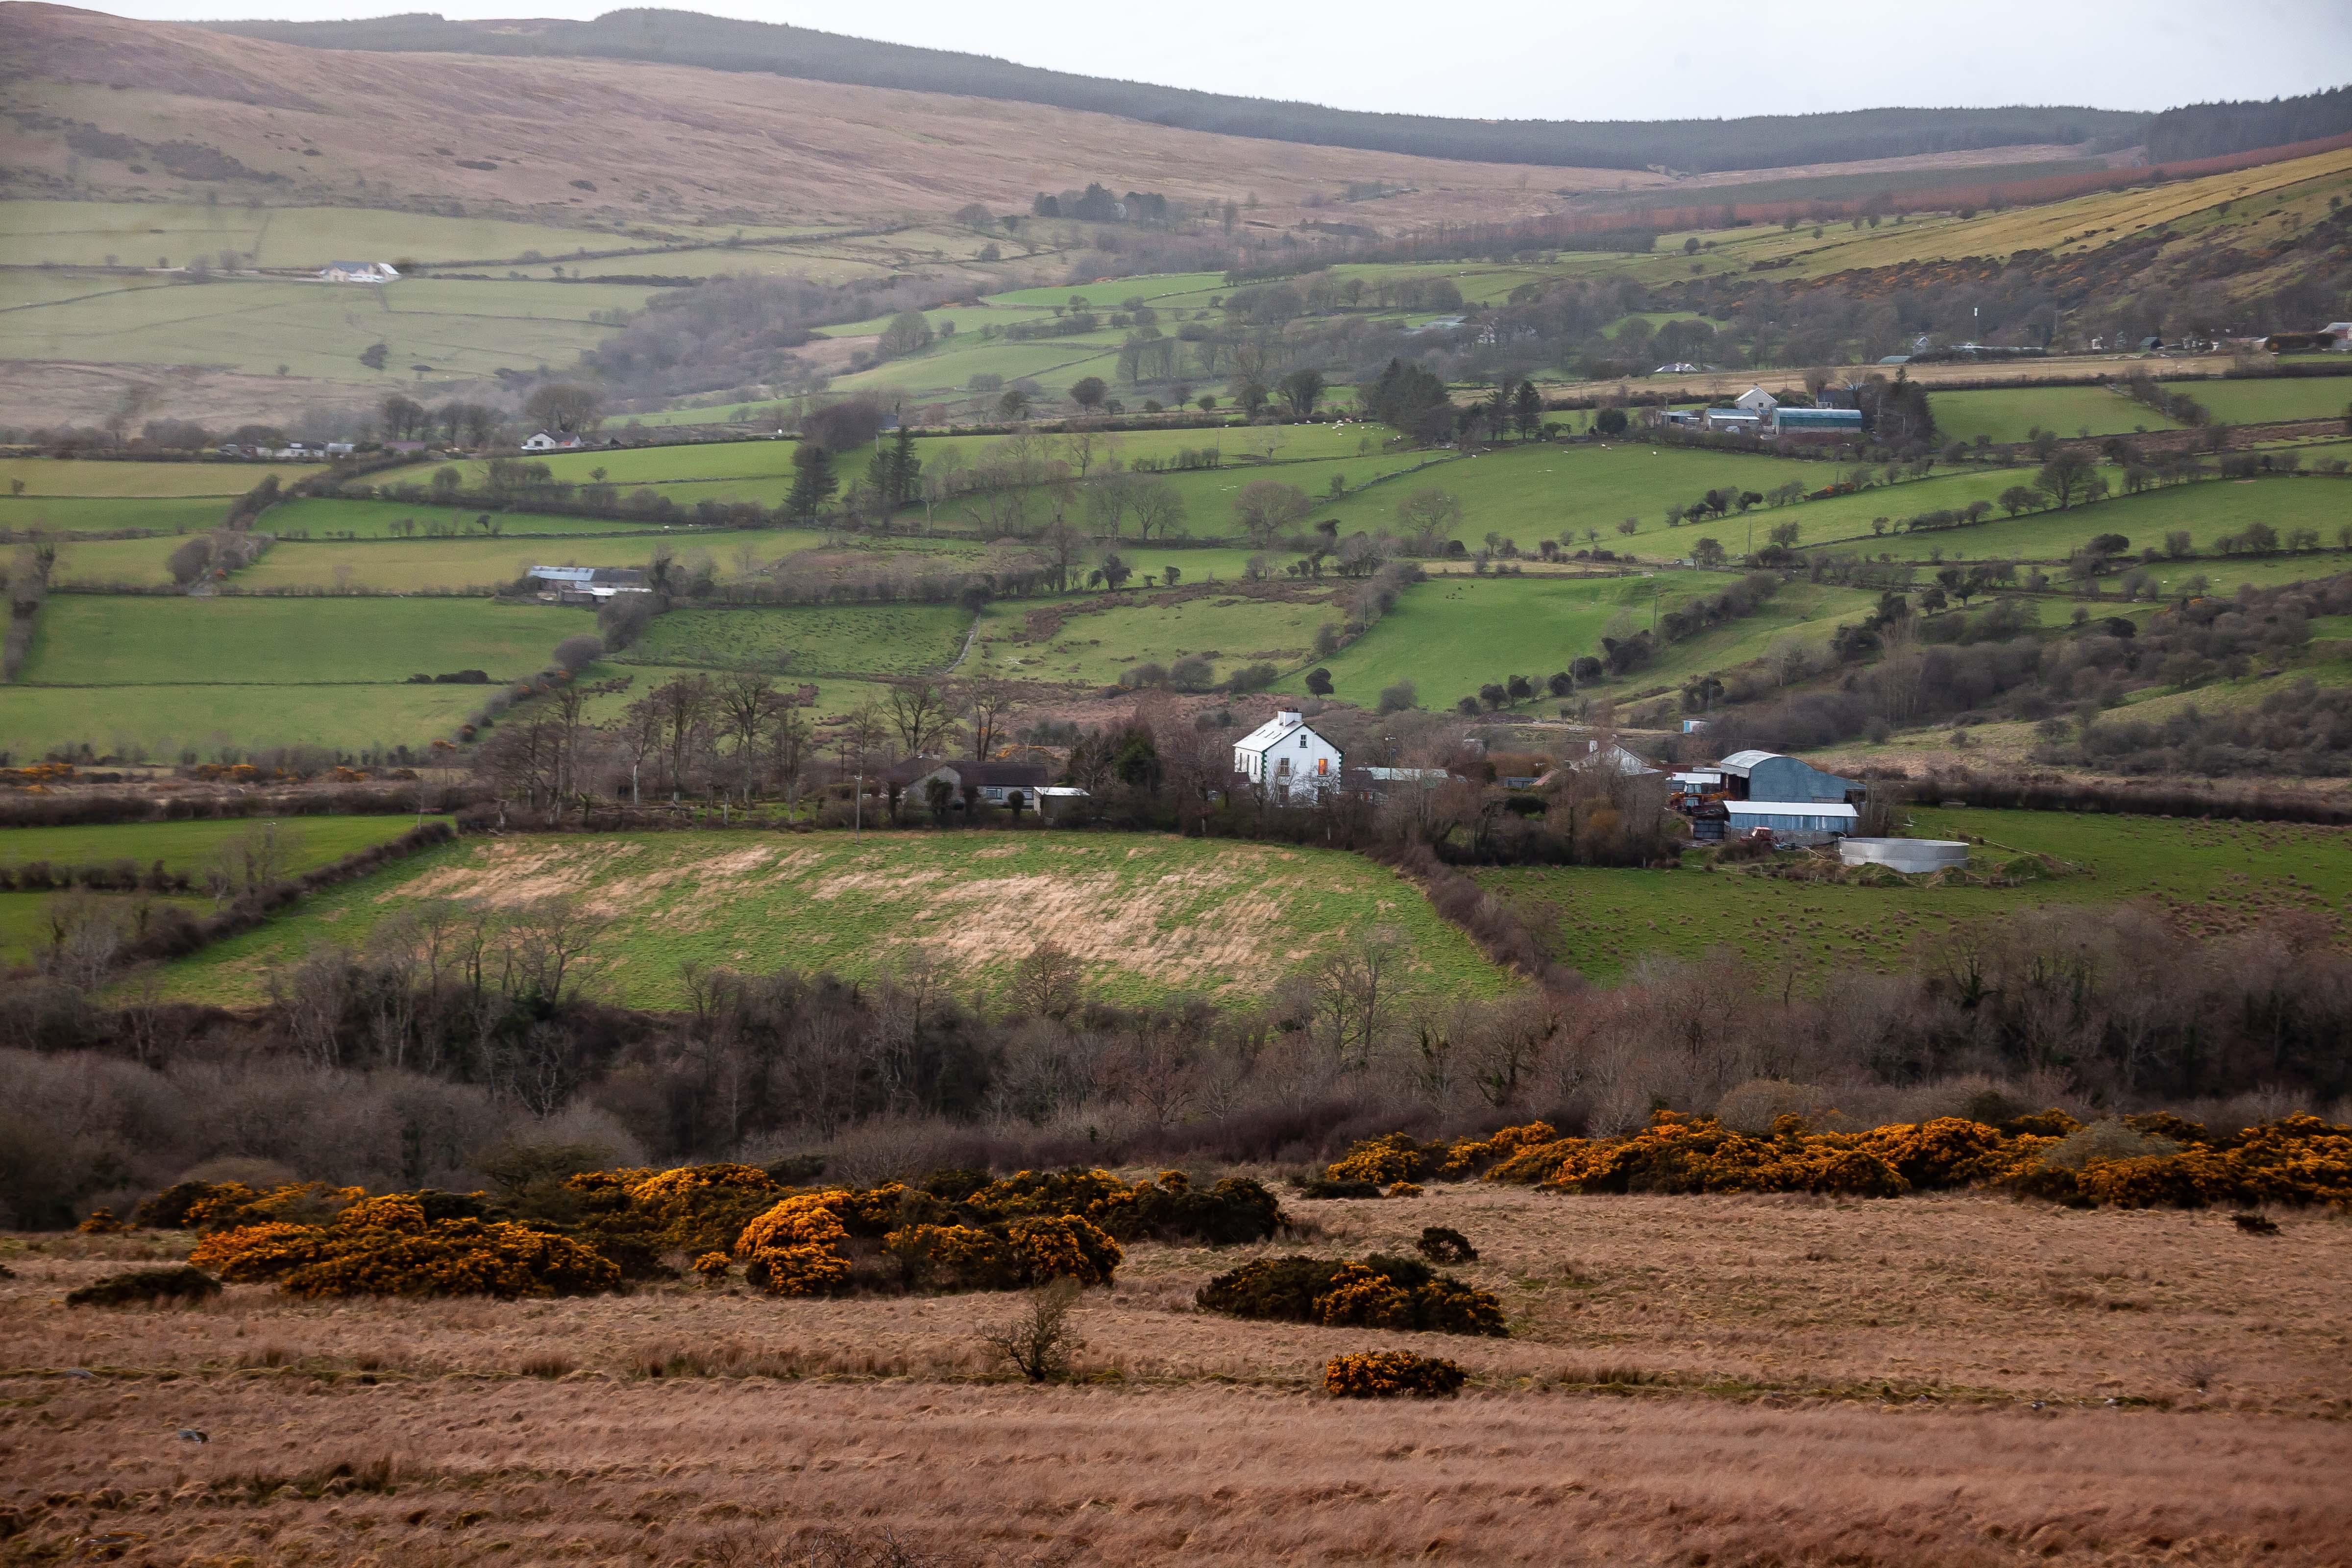 N Ireland, Limavady Prov, Country Farm, 2009, 0170